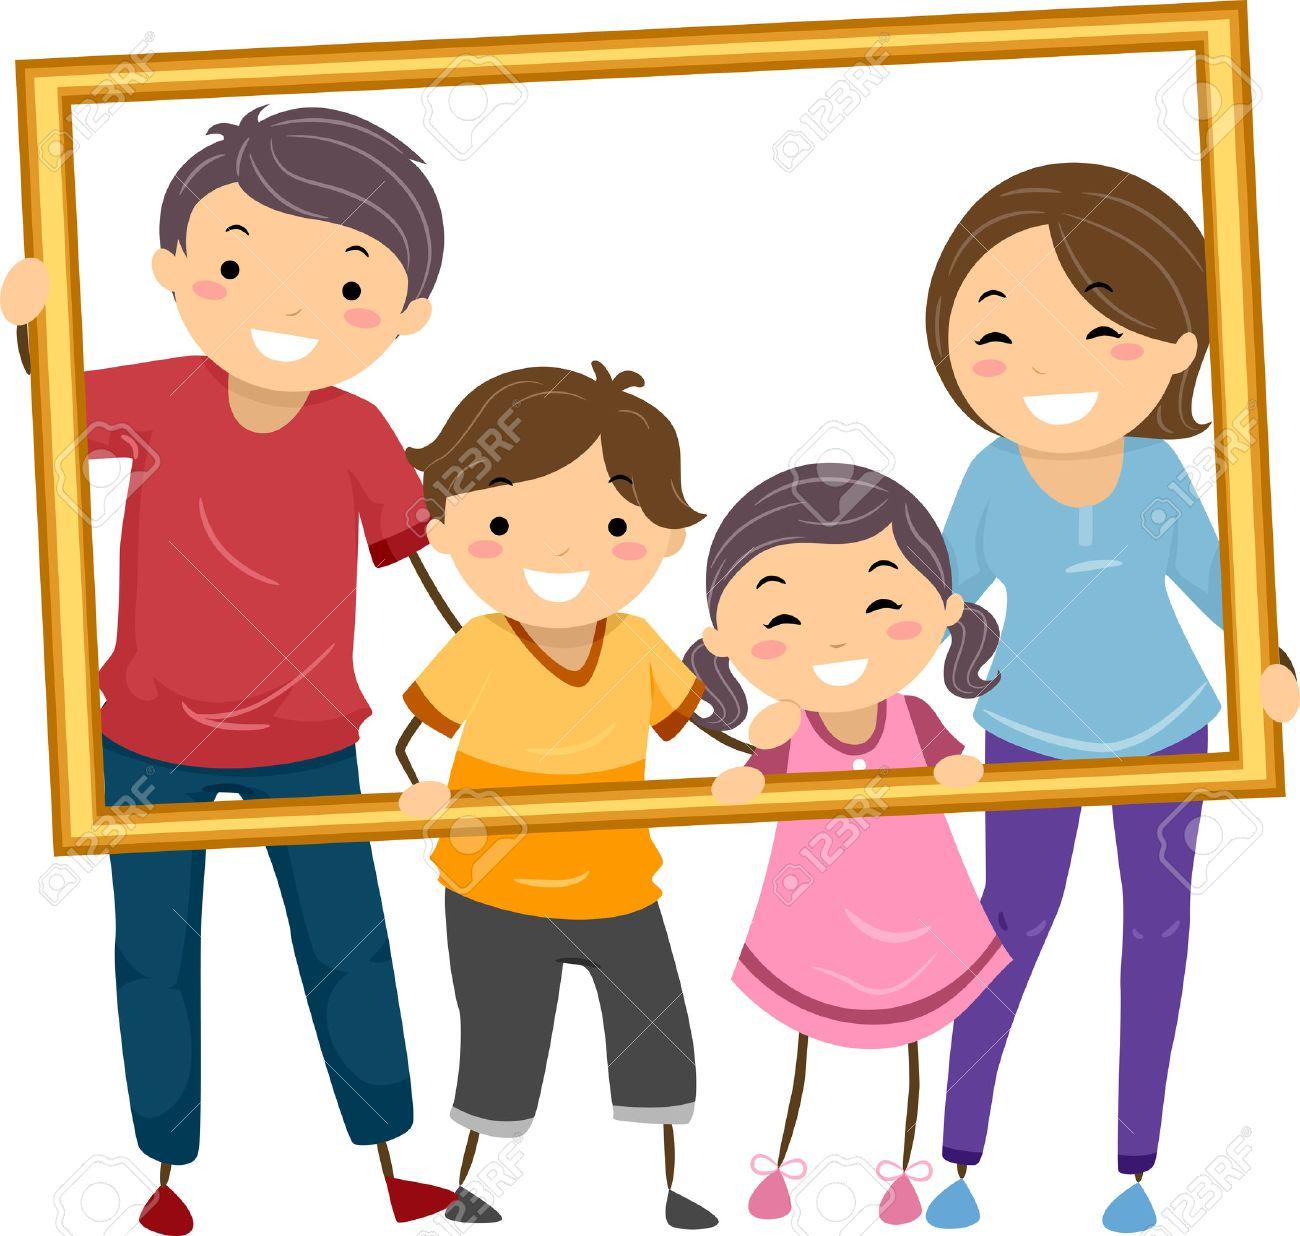 Clipart Famille illustration doté d'une famille heureuse tenant un cadre creux clip